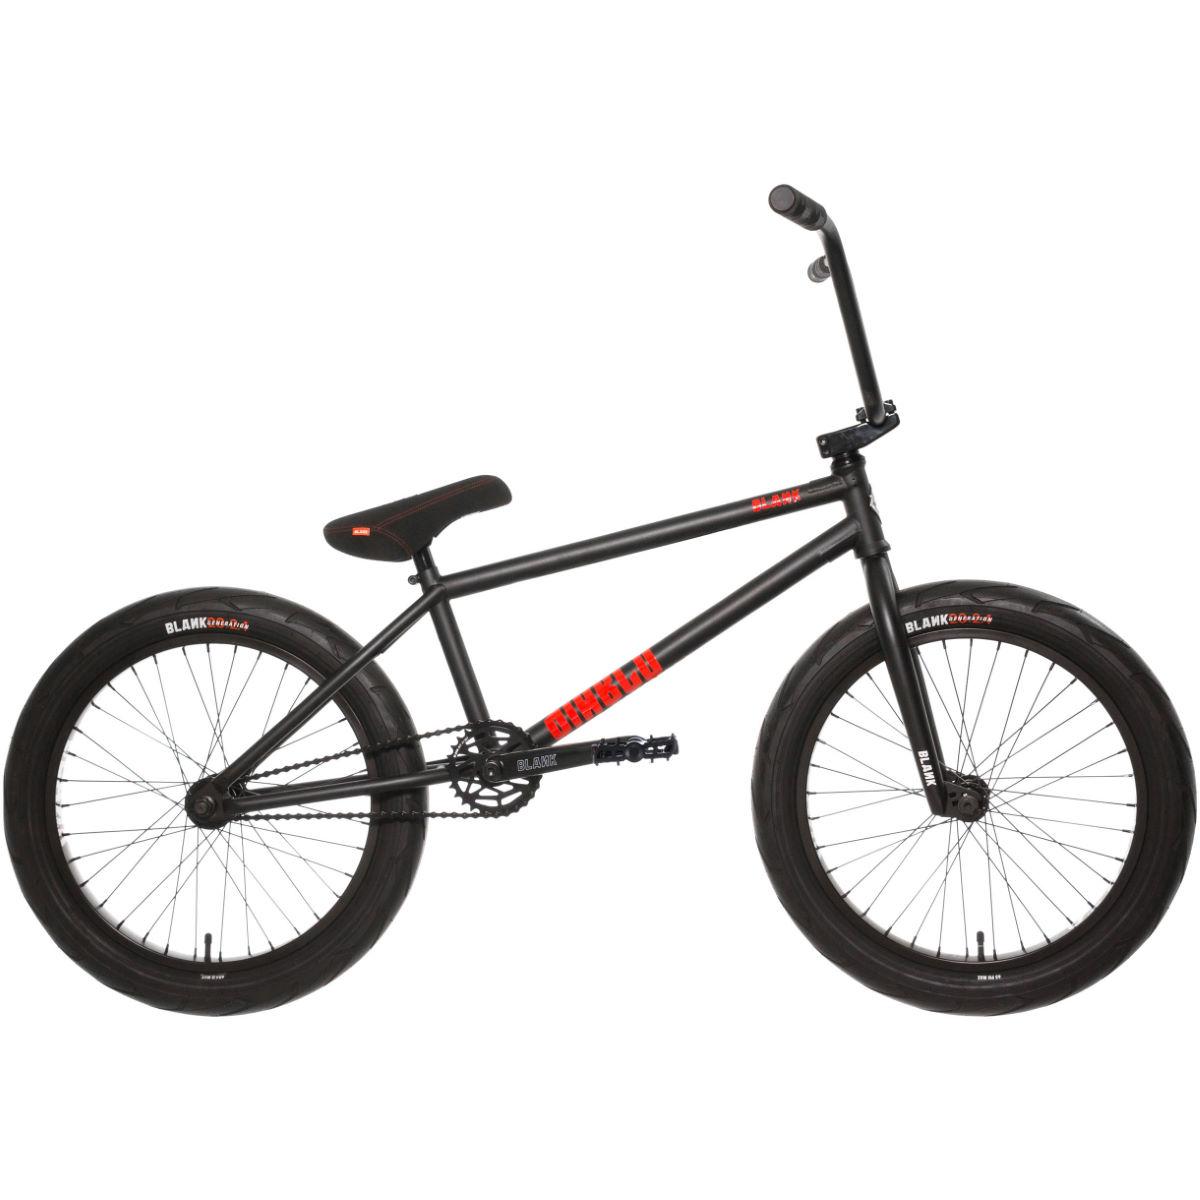 Blank Diablo 2019 Freestyle Bikes